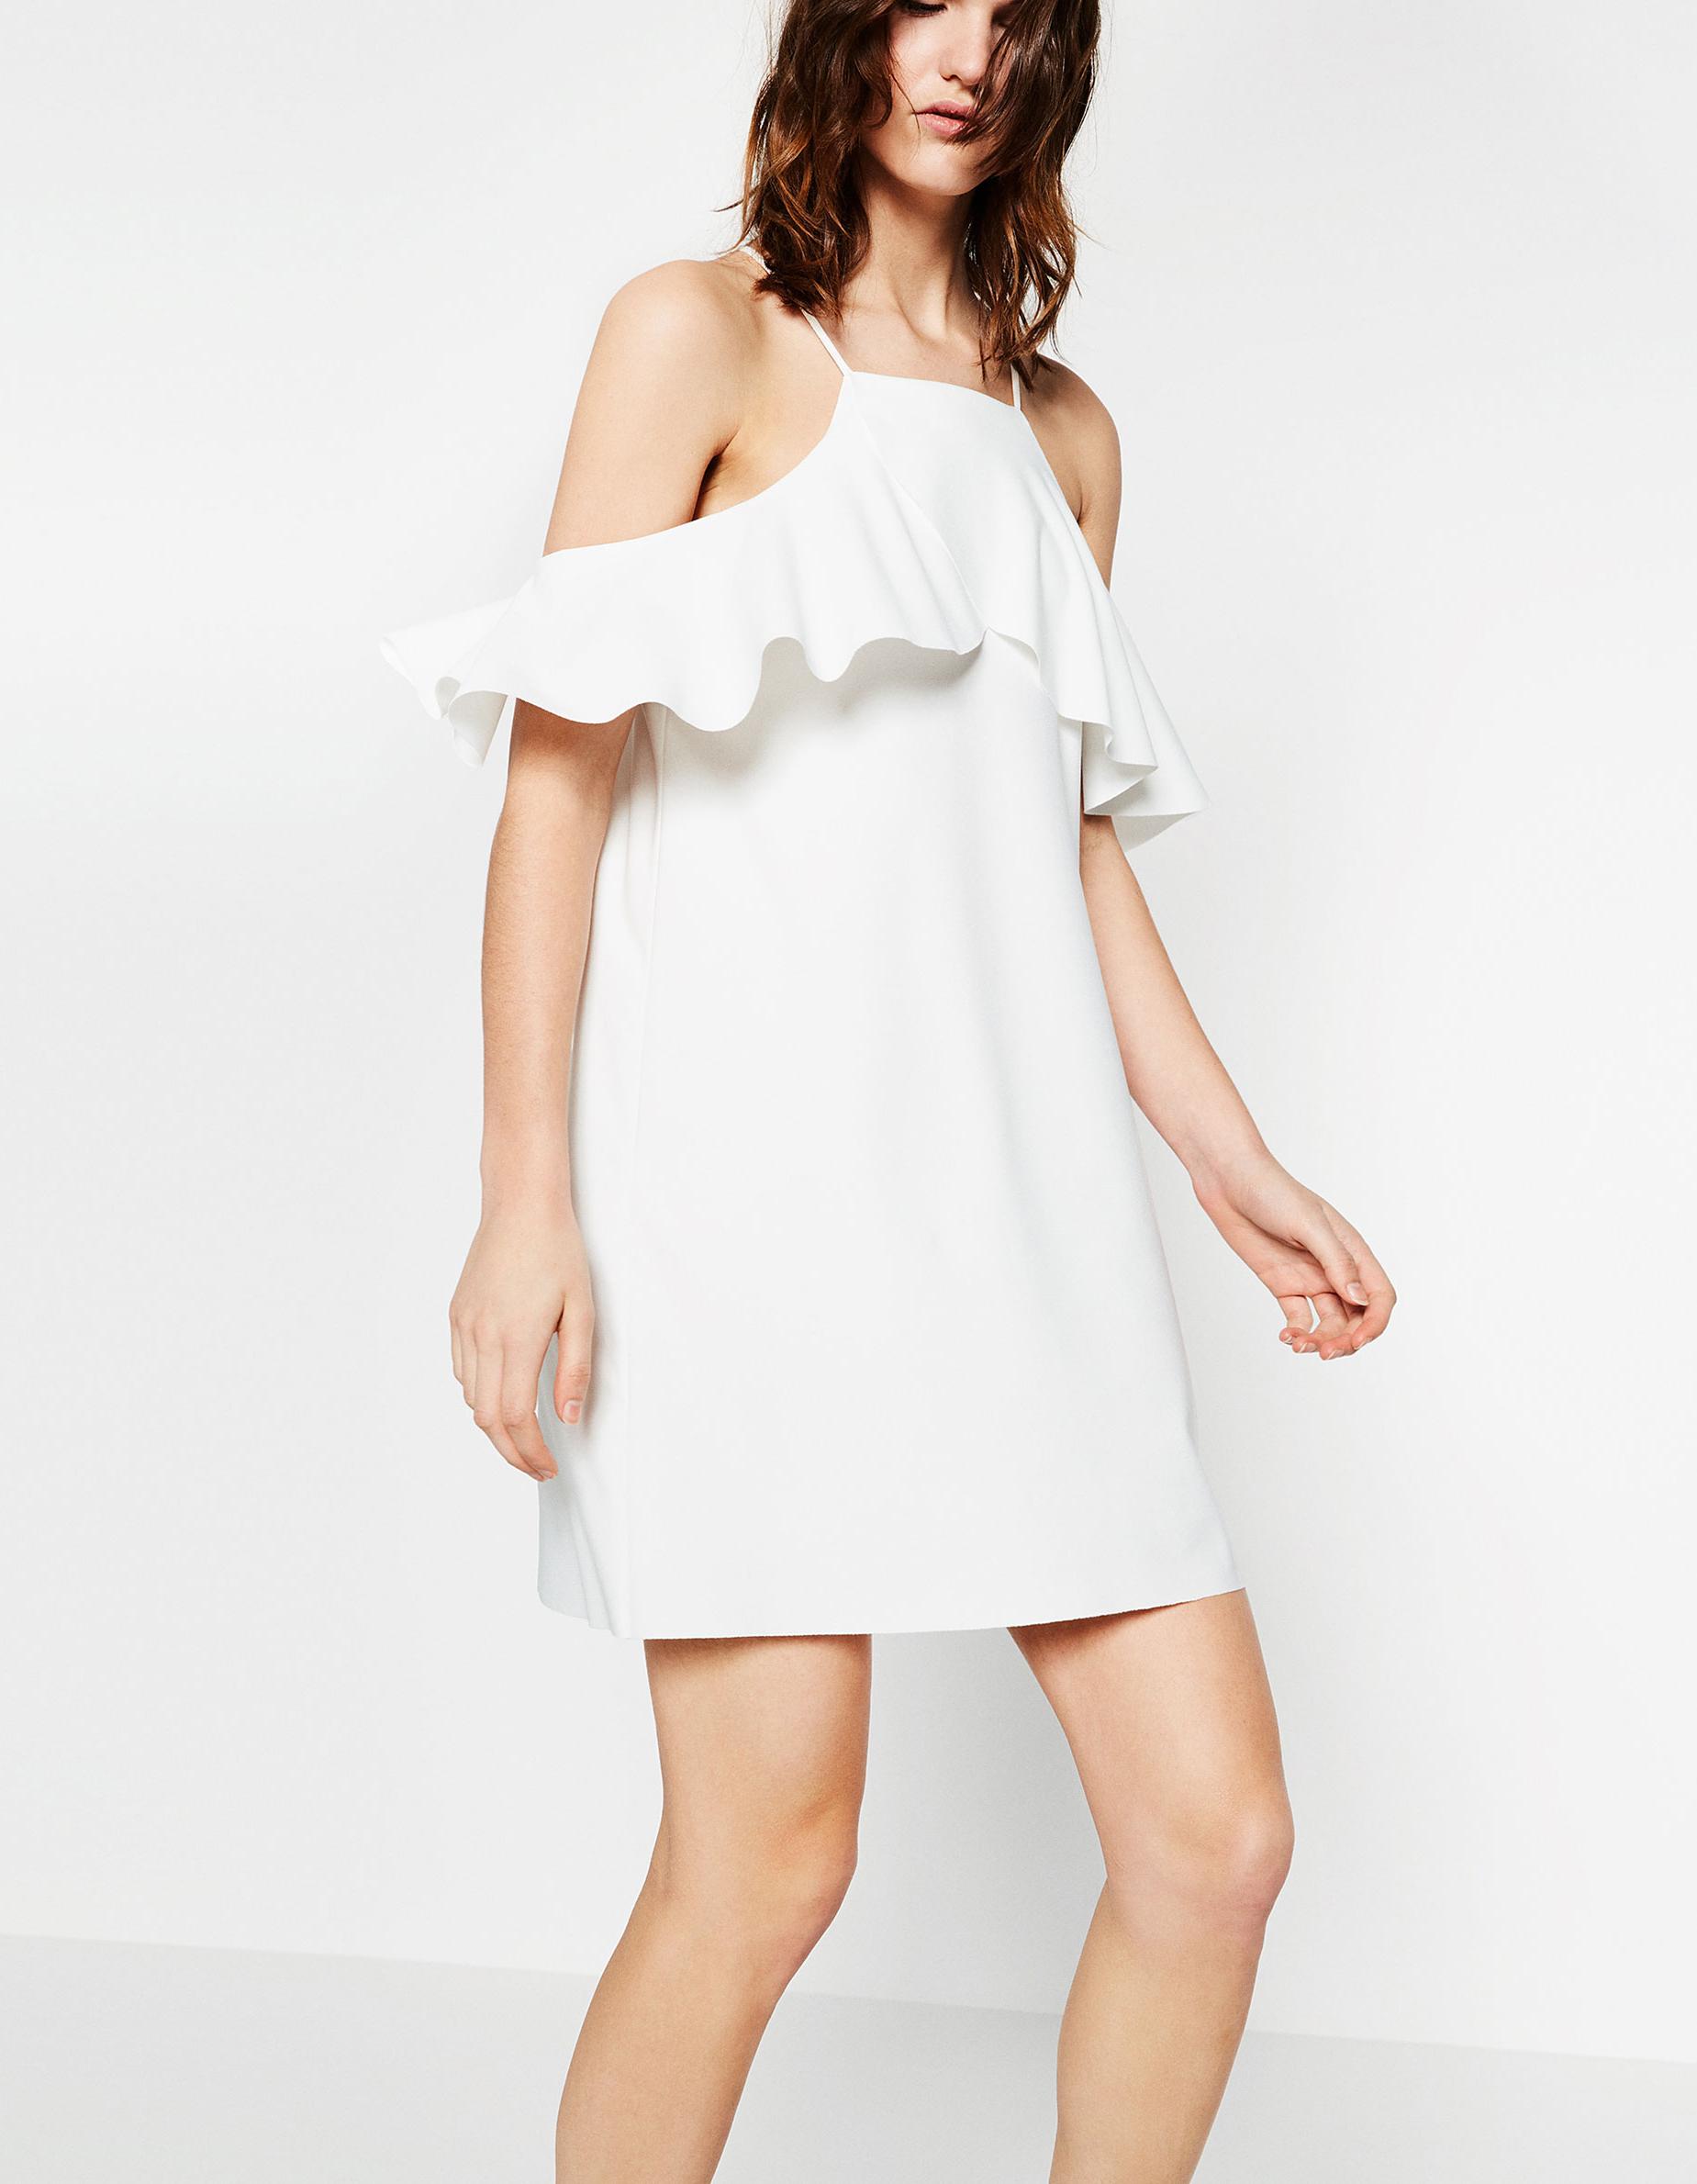 Robe de mariée courte à volants Zara , Les plus belles robes de mariée  courtes , Elle